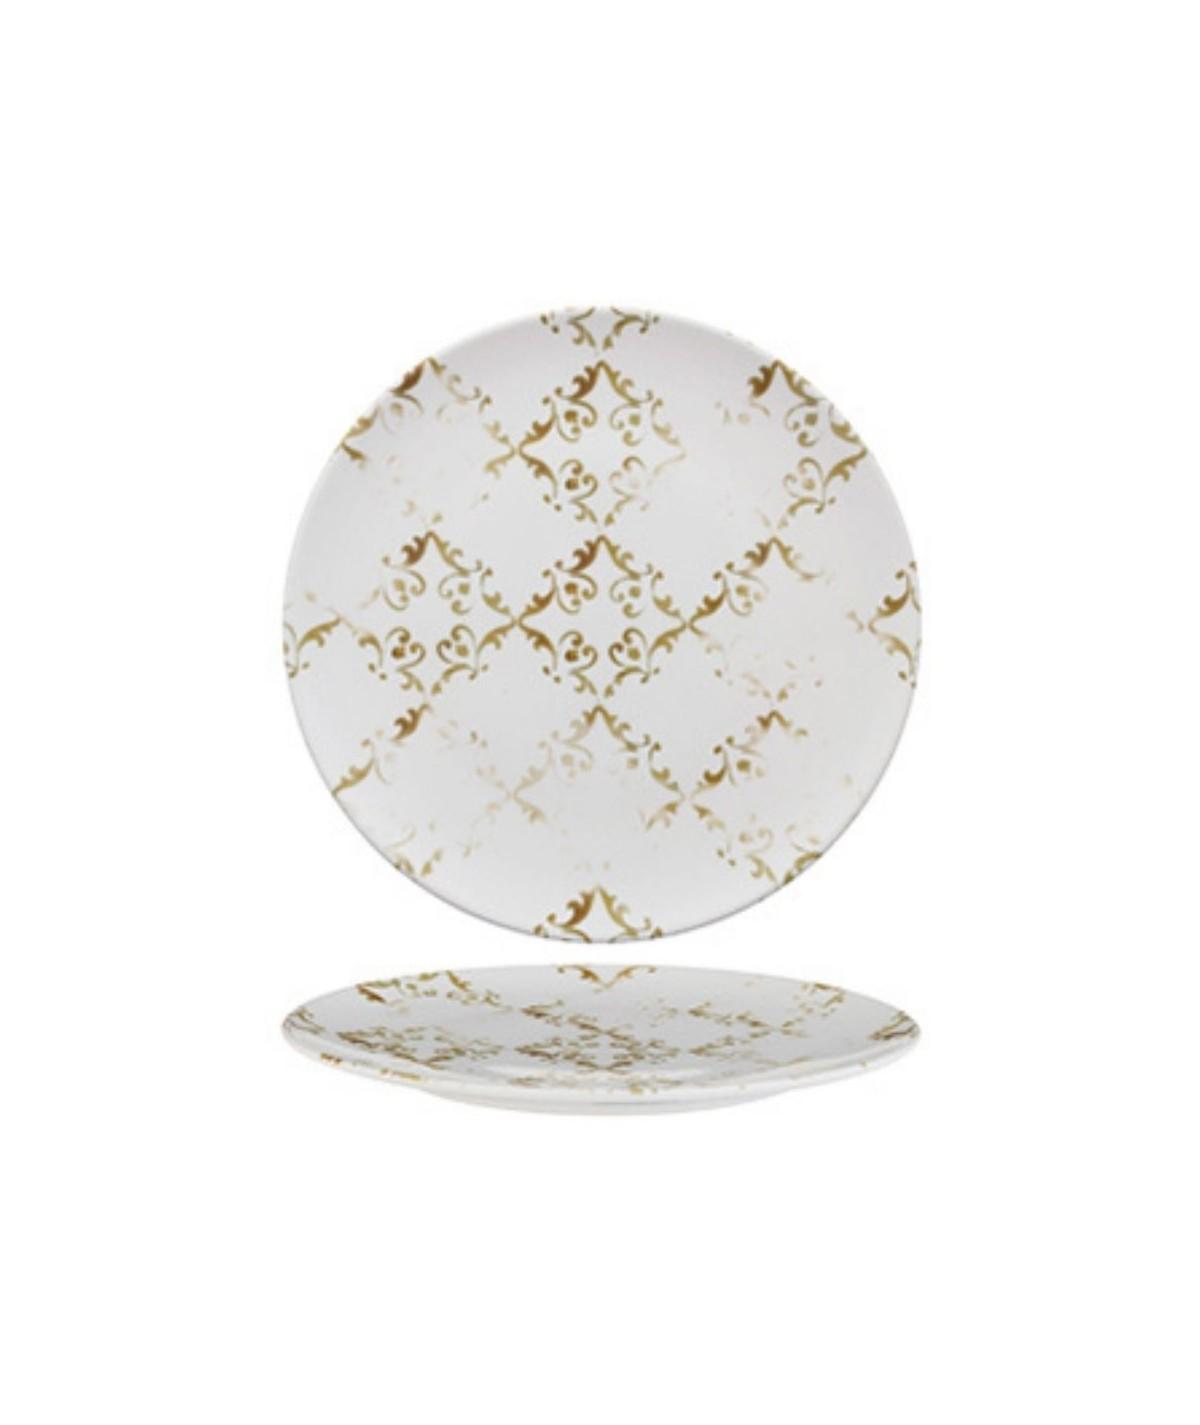 Piatto piano in porcellana Corinto set 6 pezzi - Morini